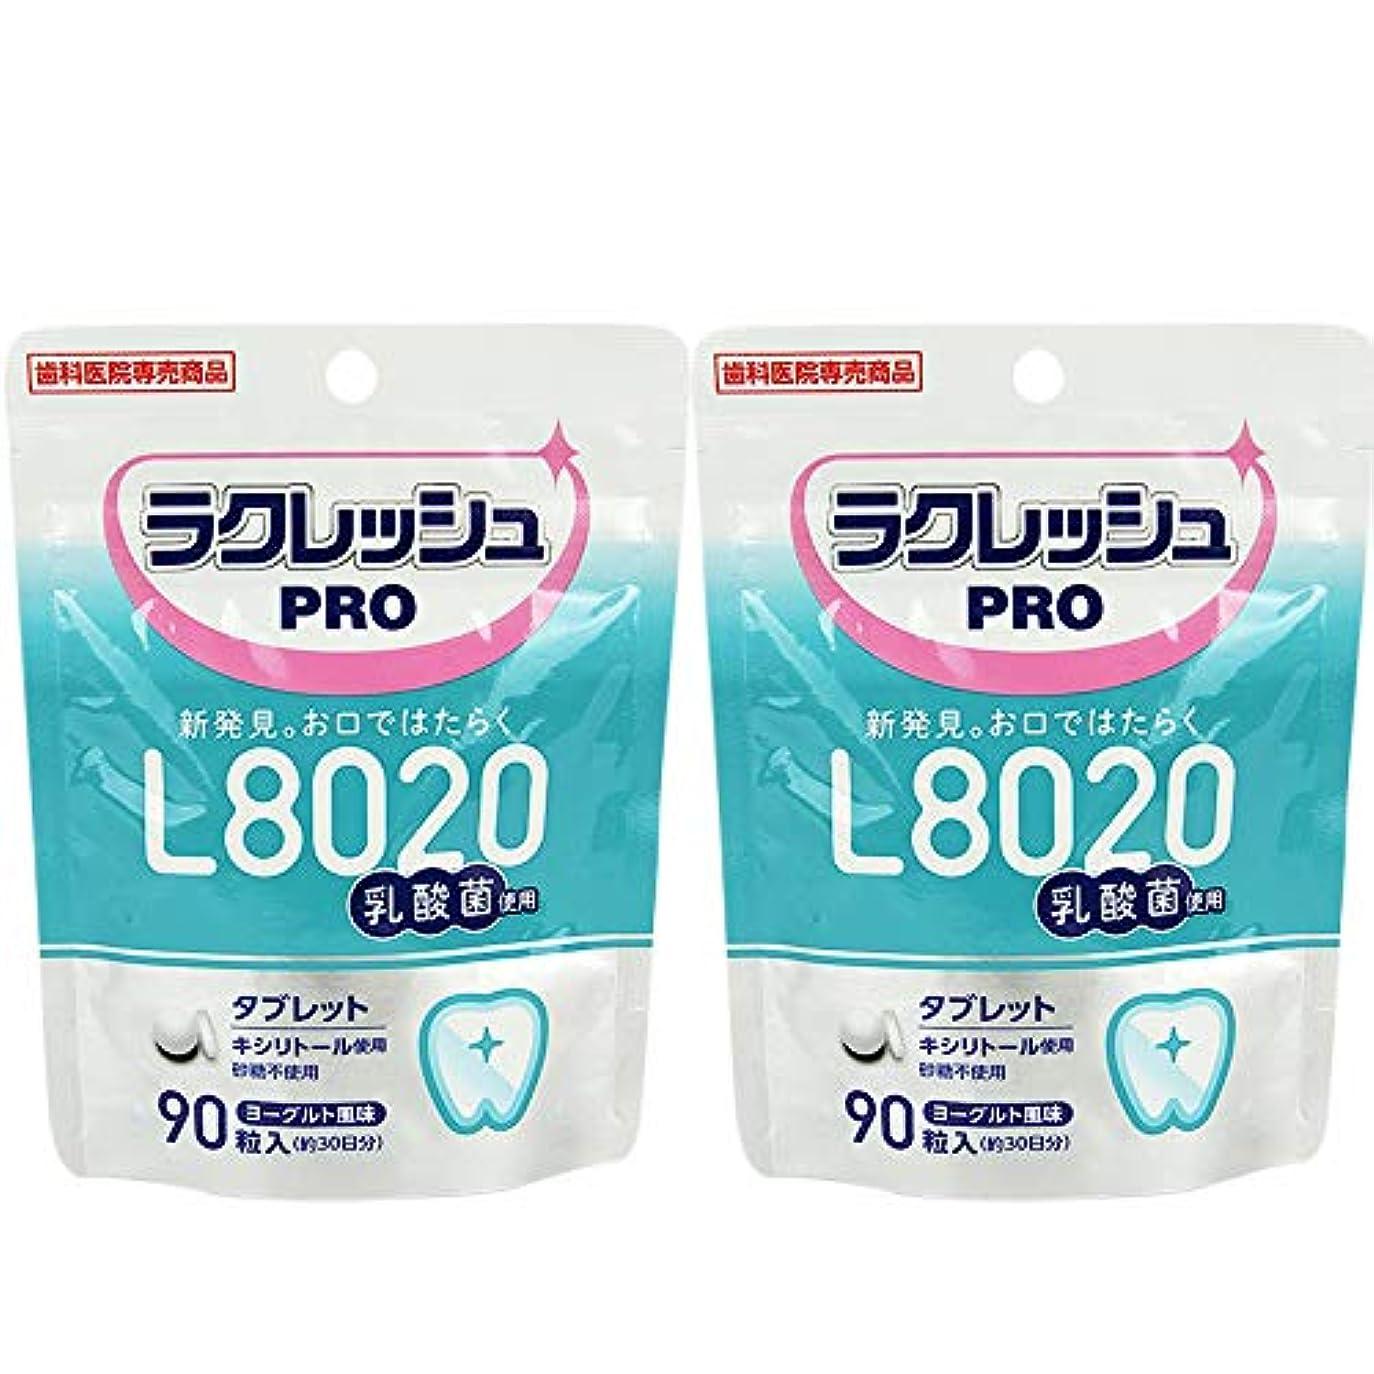 カードメタンフォーマルL8020 乳酸菌 ラクレッシュ PRO タブレット 90粒 × 2個 歯科専売品